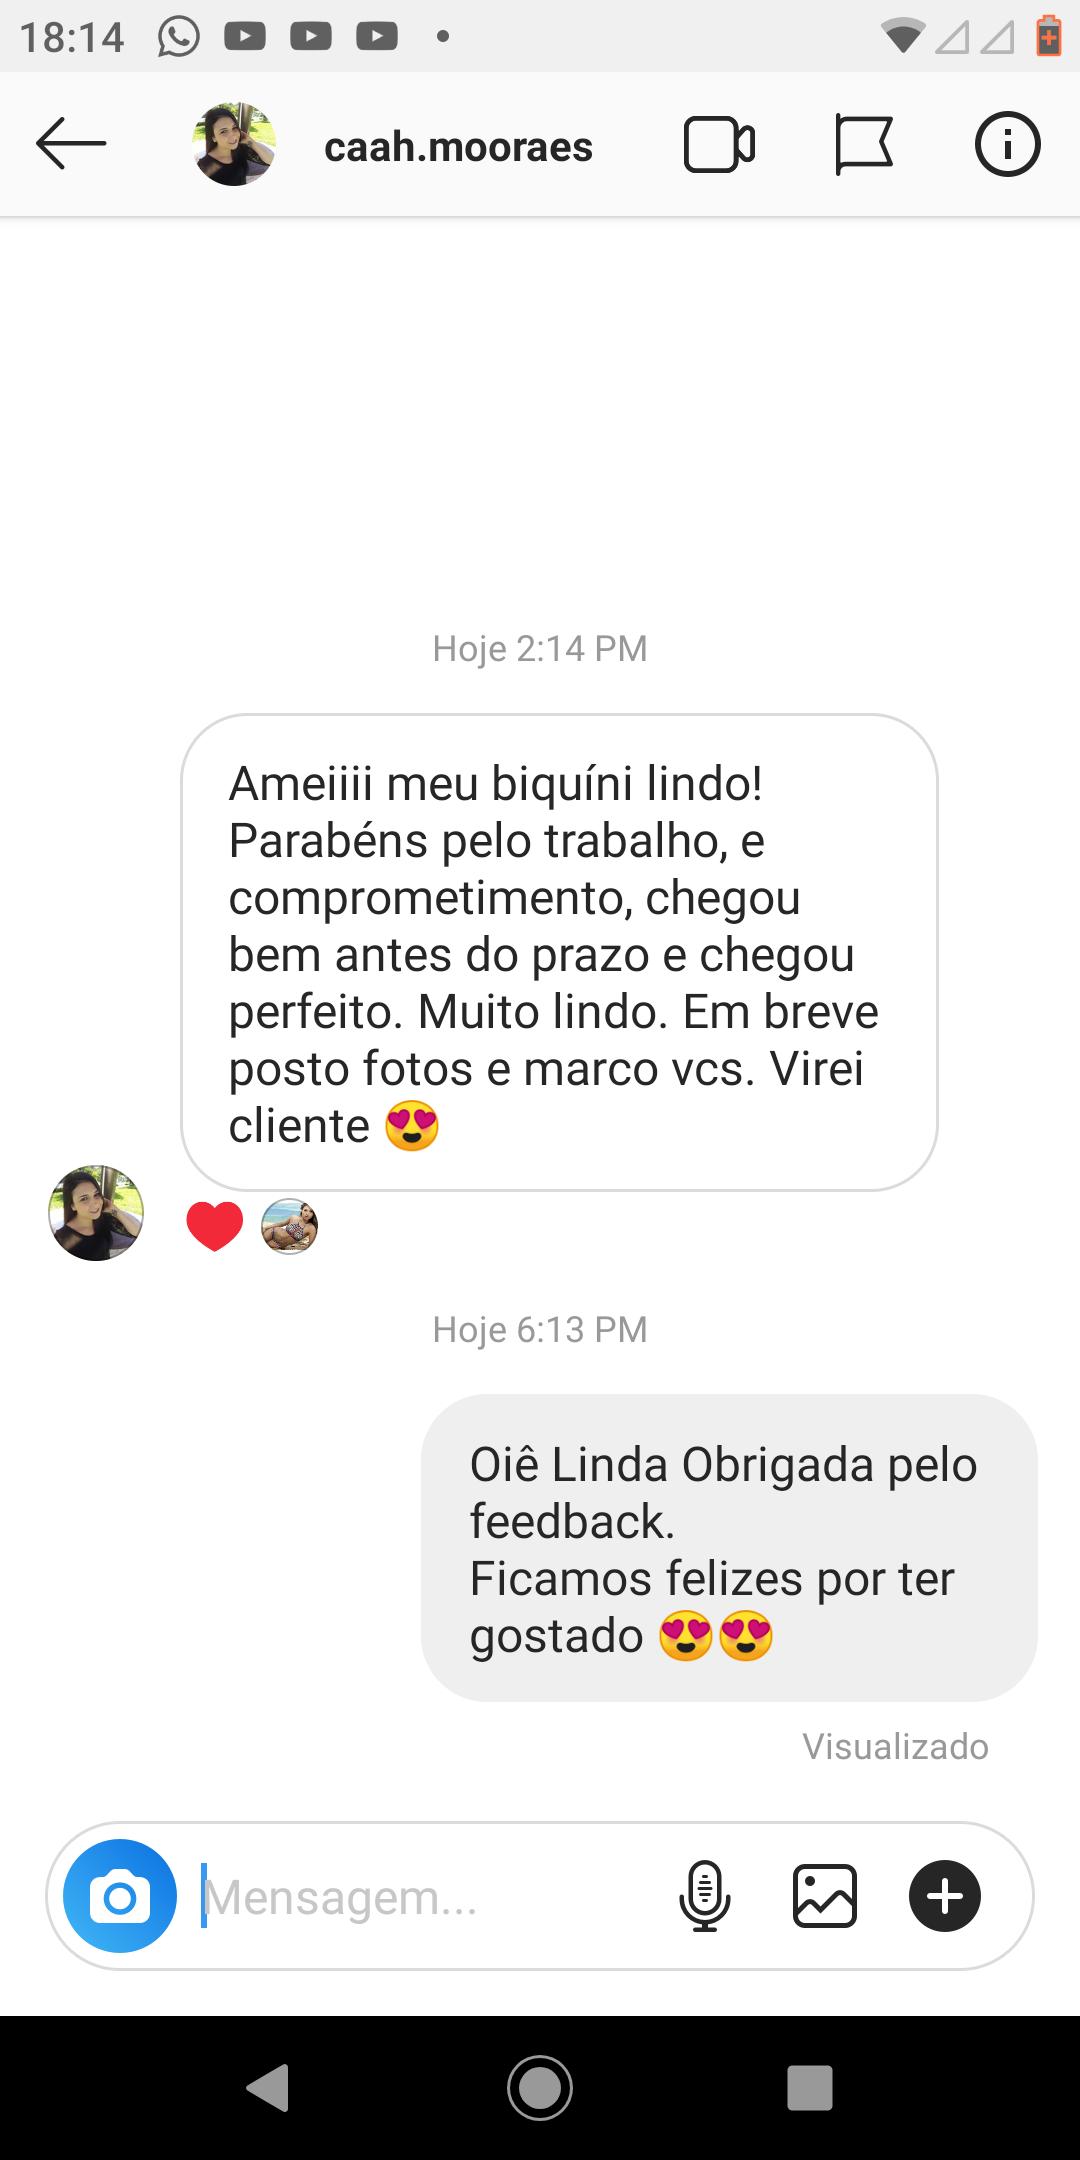 Depoimento de cliente no instagram sobre o produto biquini girassol da loja envizi. Ela diz, amei, lindo, parabéns pelo trabalho e comprometimento